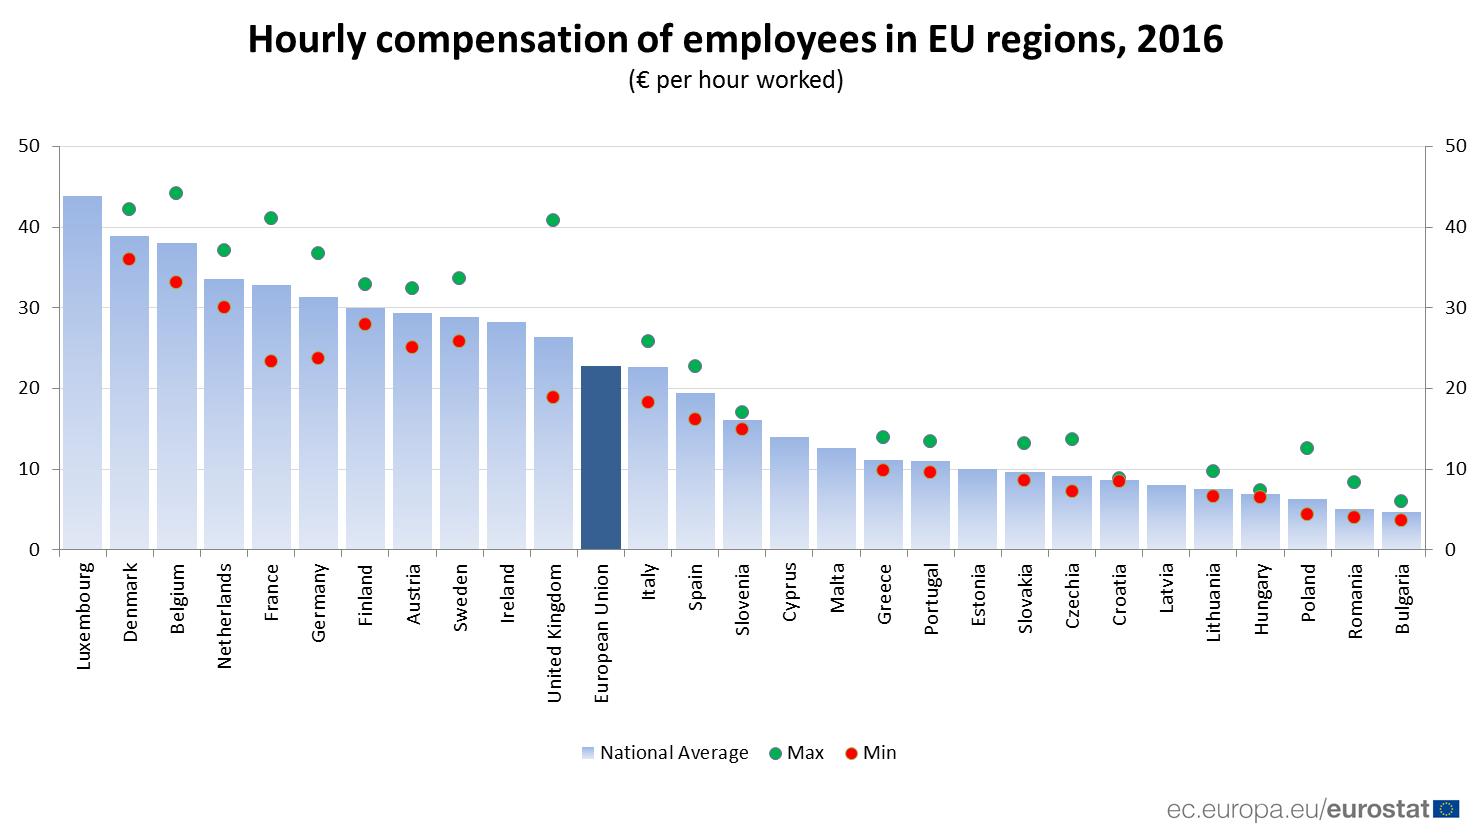 Wynagrodzenie za godzinę pracy w krajach Europy na podstawie danych Eurostatu. Dane za 2016 r. (źródło: ec.europa.eu/eurostat)